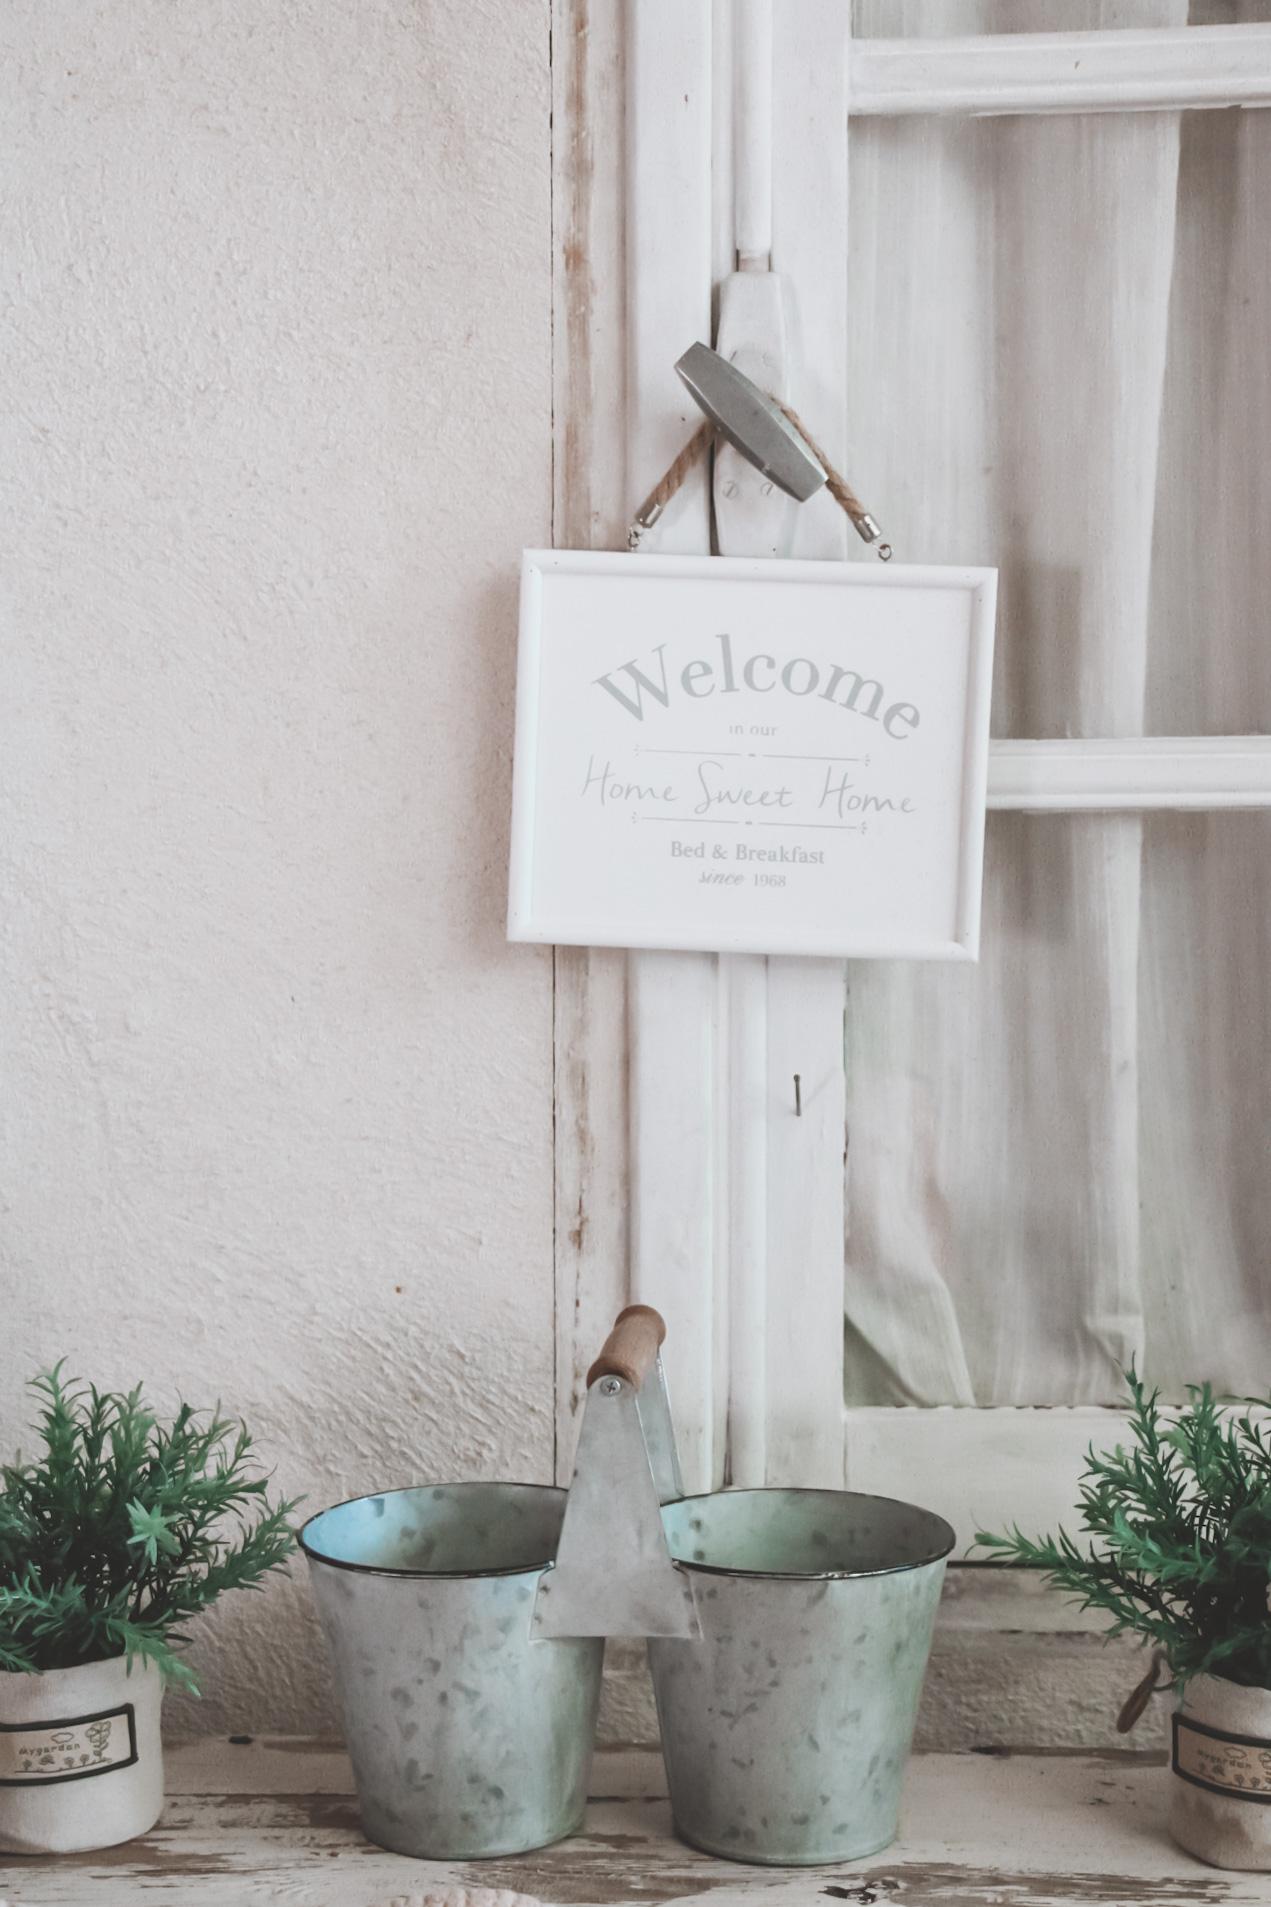 la bastide des songes - chambre hotes - luberon - provence - gordes - roussillon - isle sur sorgue - decoration - petit dejeuner